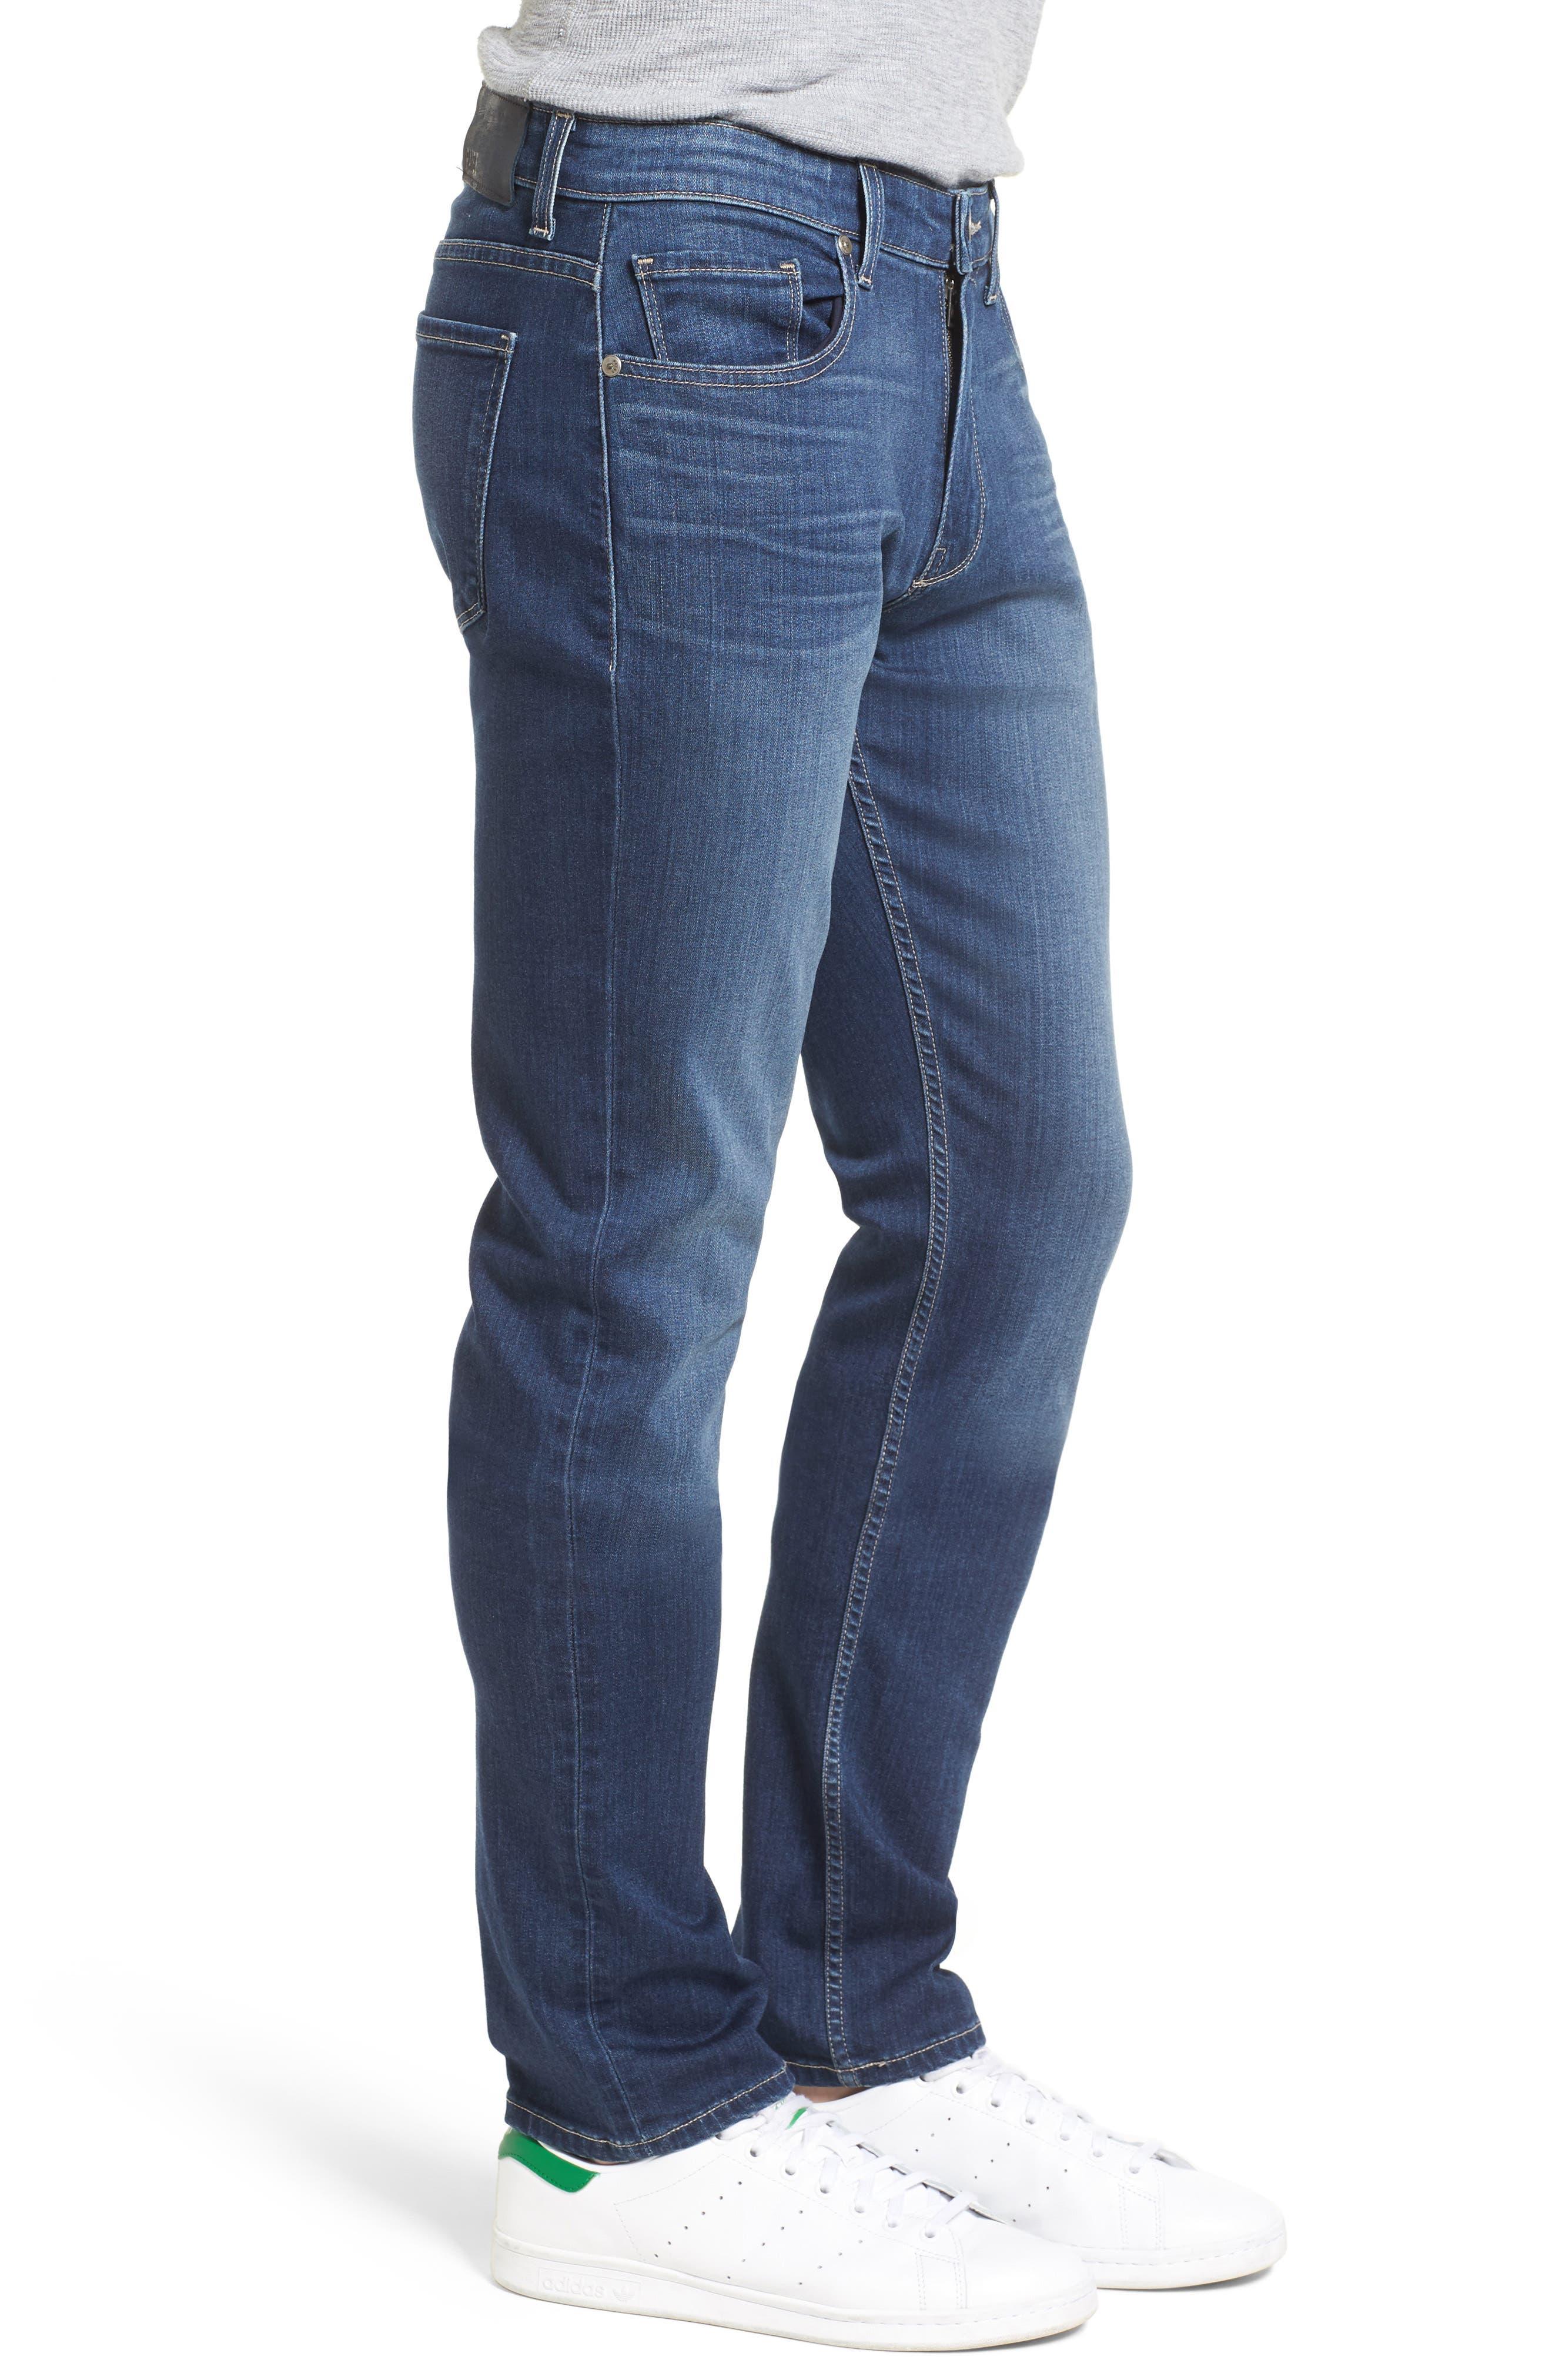 Transcend - Lennox Straight Leg Jeans,                             Alternate thumbnail 3, color,                             Leo